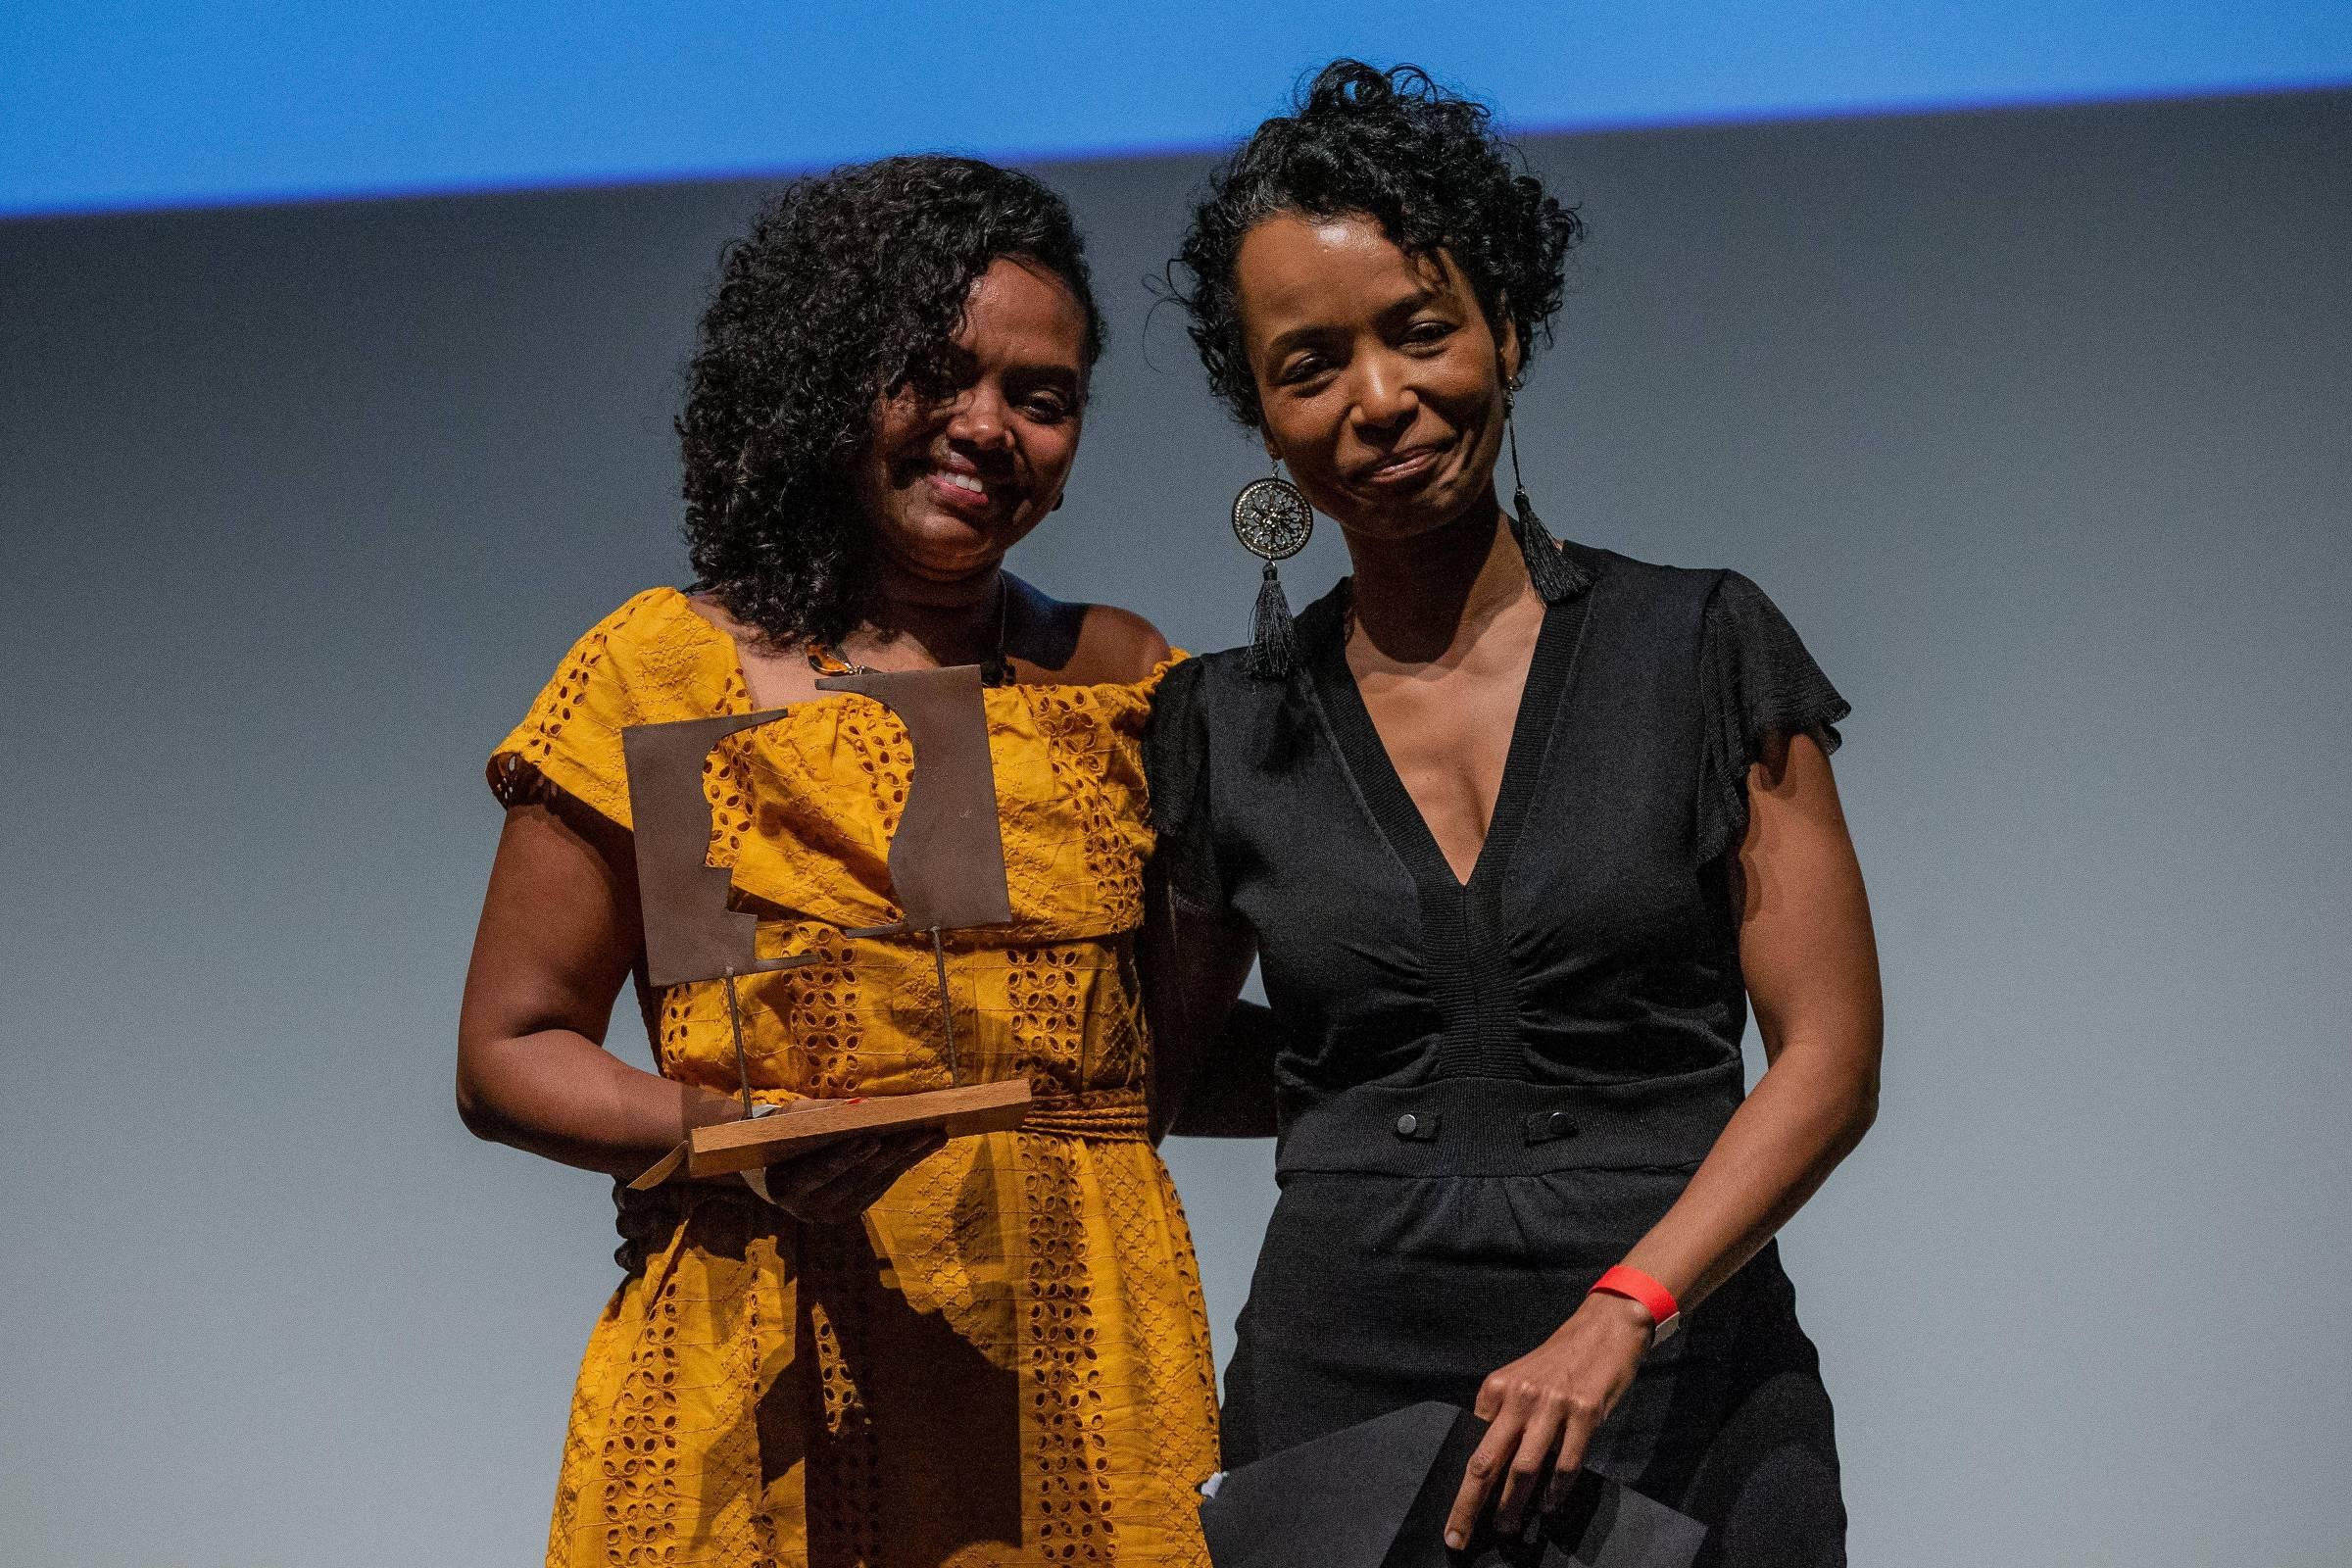 Adriana Barbosa, vencedora do Troféu Grão, recebe o prêmio da ombudsman da Folha, Flávia Lima, durante a cerimônia do Prêmio Empreendedor Social 2019, no Teatro Porto Seguro, em São Paulo - Eduardo Anizelli/Folhapress